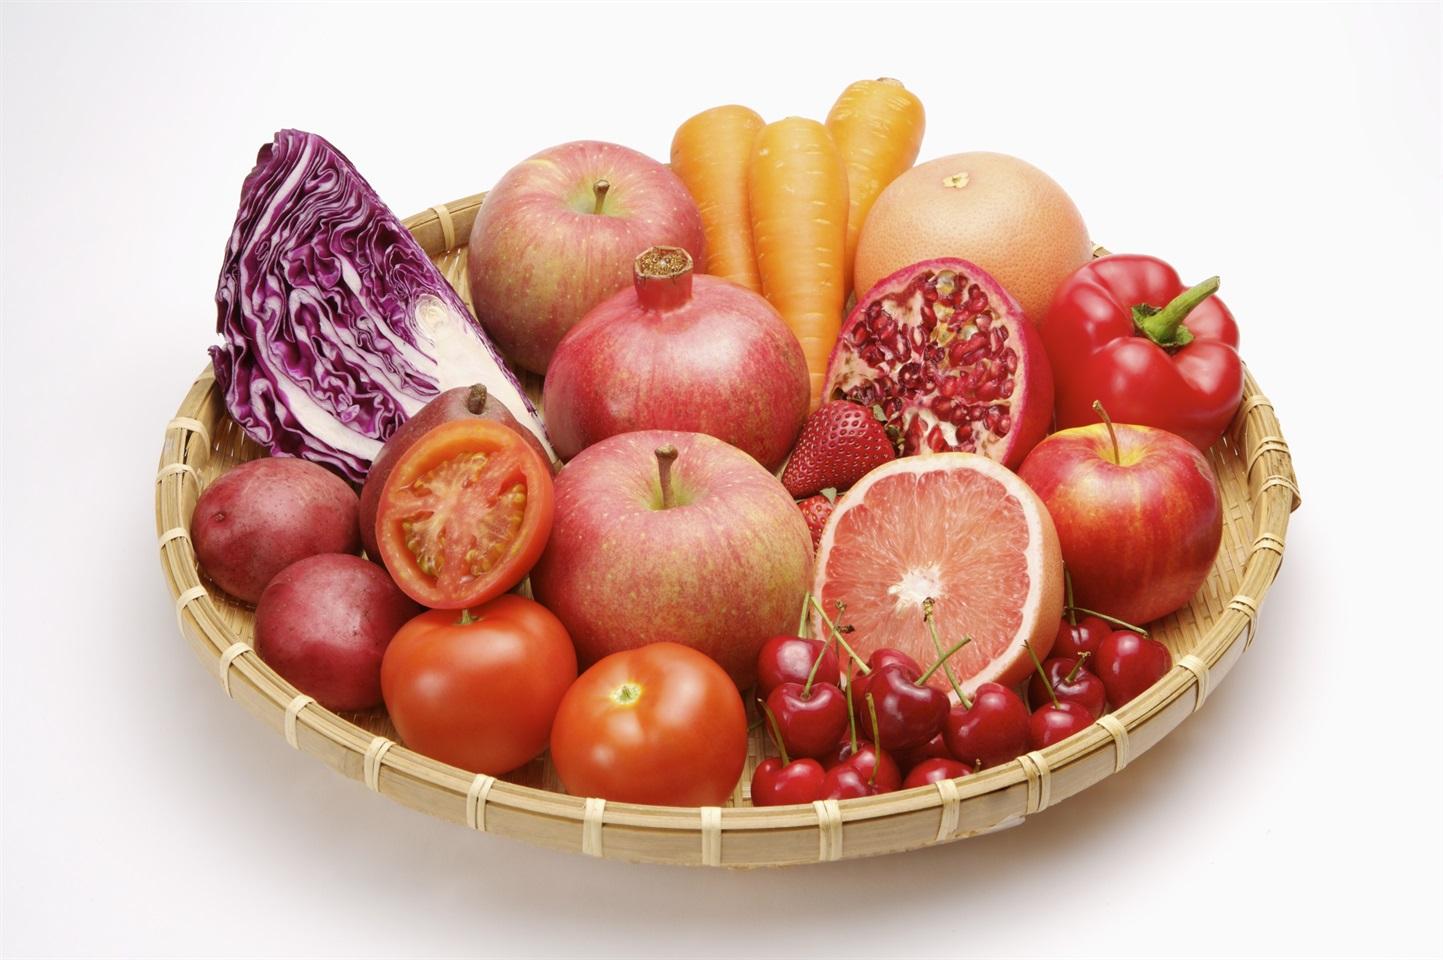 Sai cosa vogliono dire i colori di frutta e verdura - Immagine di frutta e verdura ...